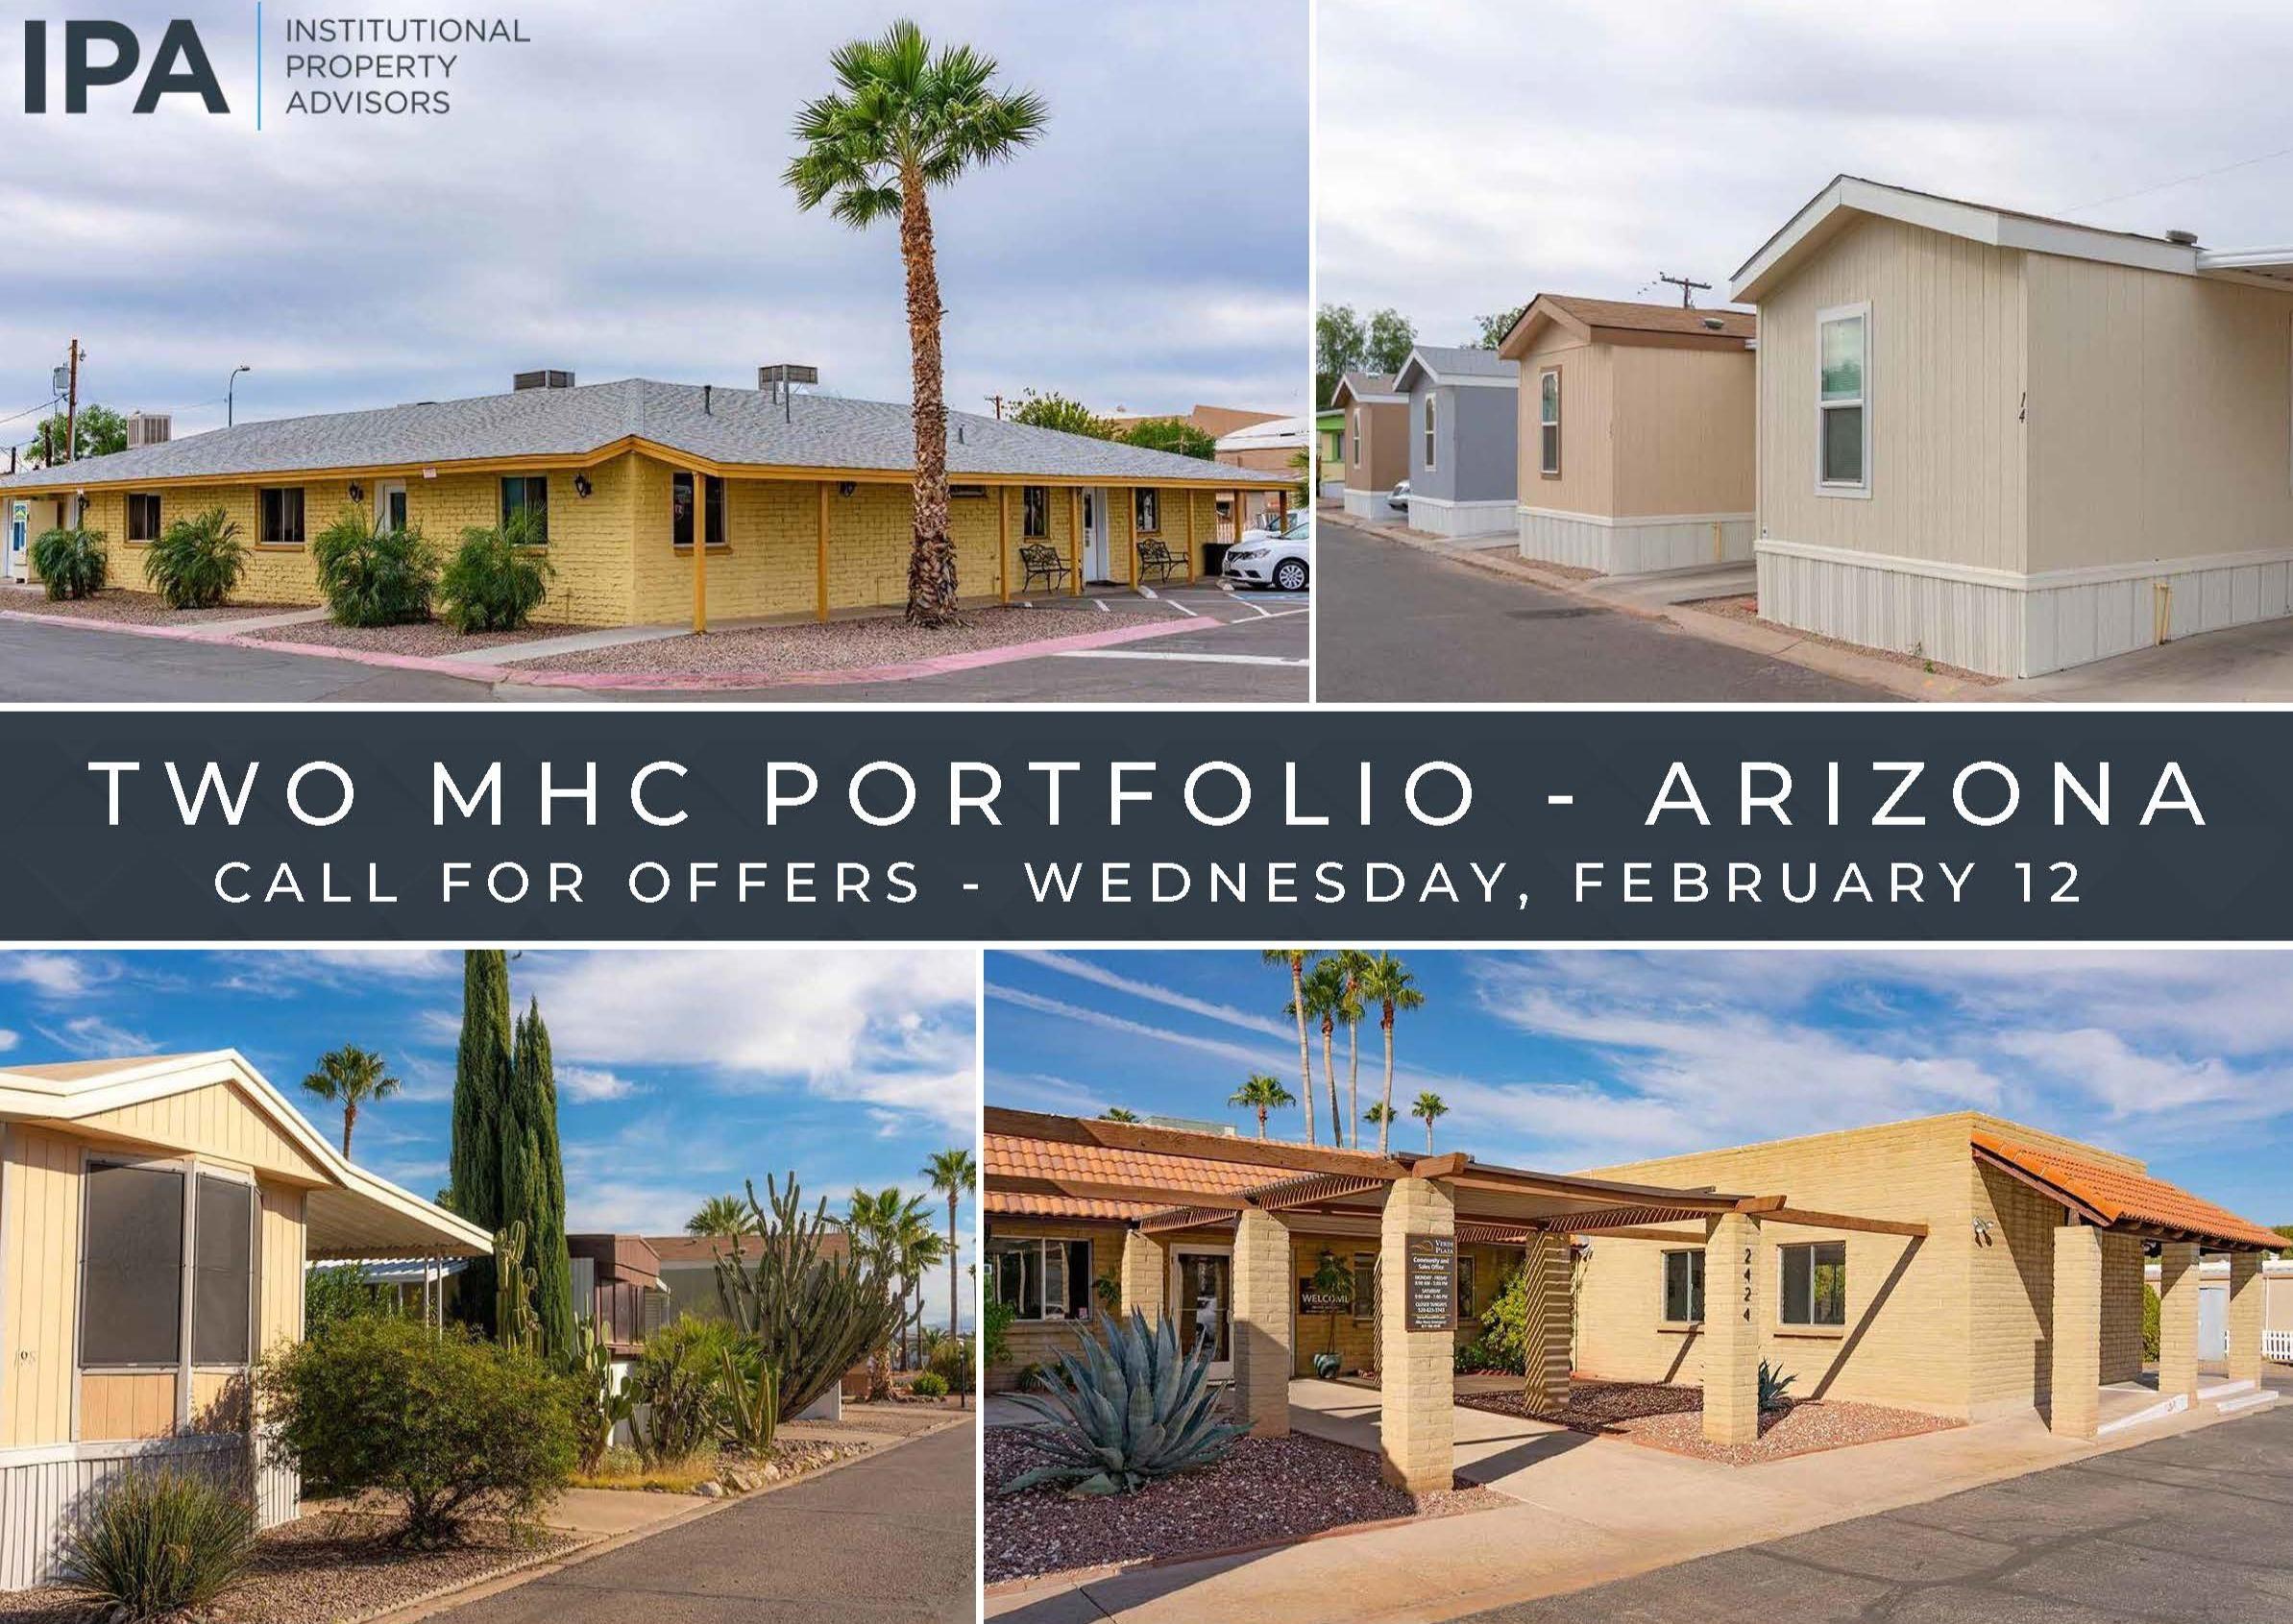 Two MHC Portfolio - Arizona